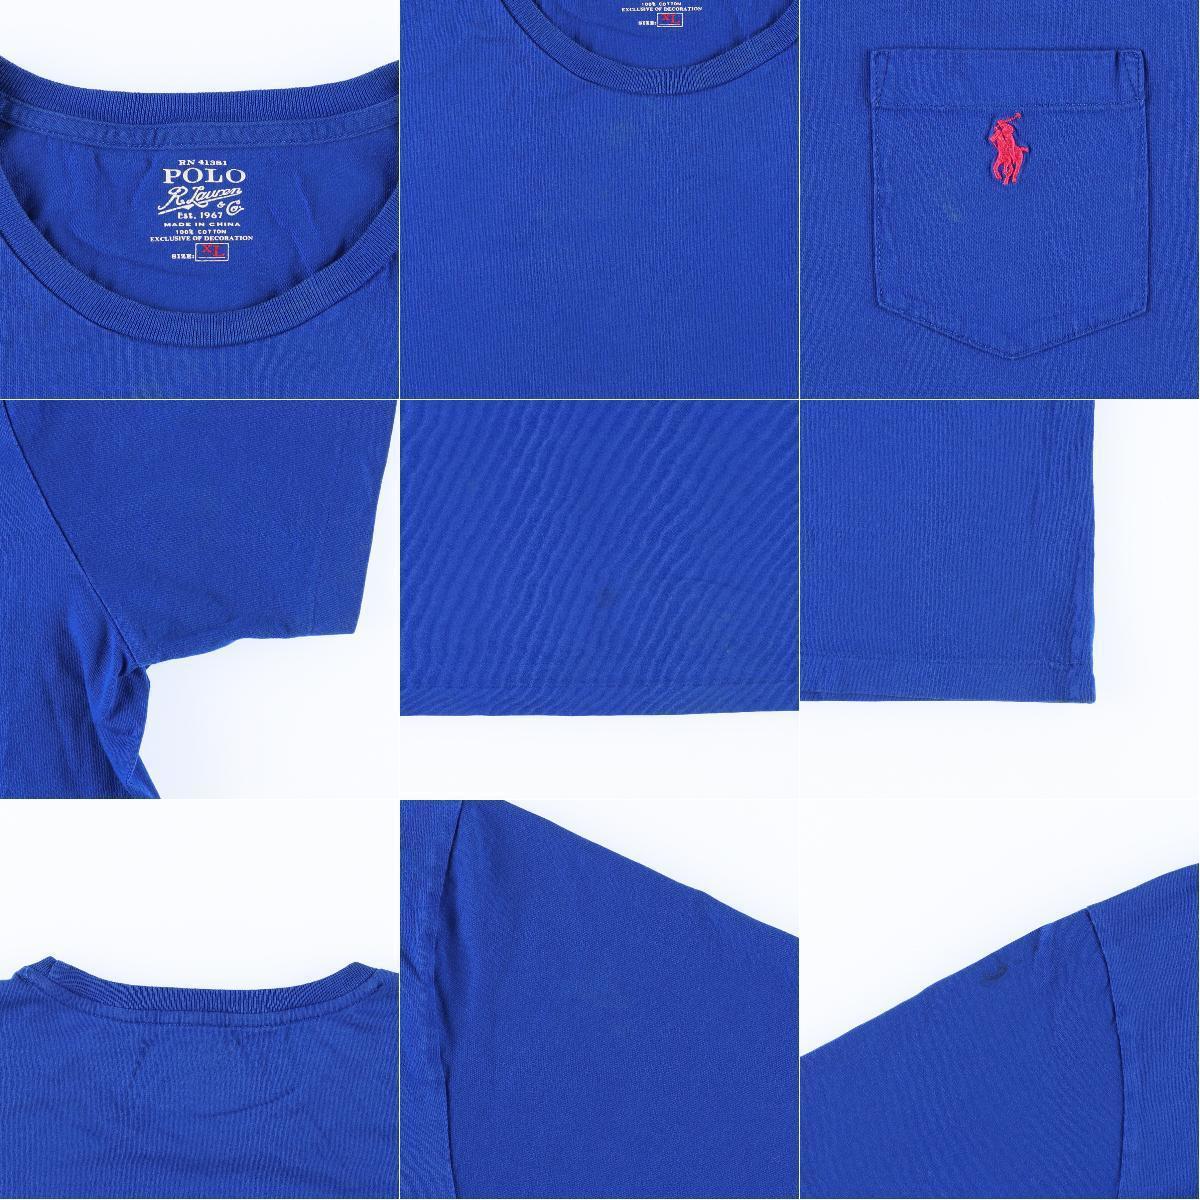 ラルフローレン Ralph Lauren POLO RALPH LAUREN 半袖 ワンポイントロゴポケットTシャツ メンズXL /eaa161572_画像3